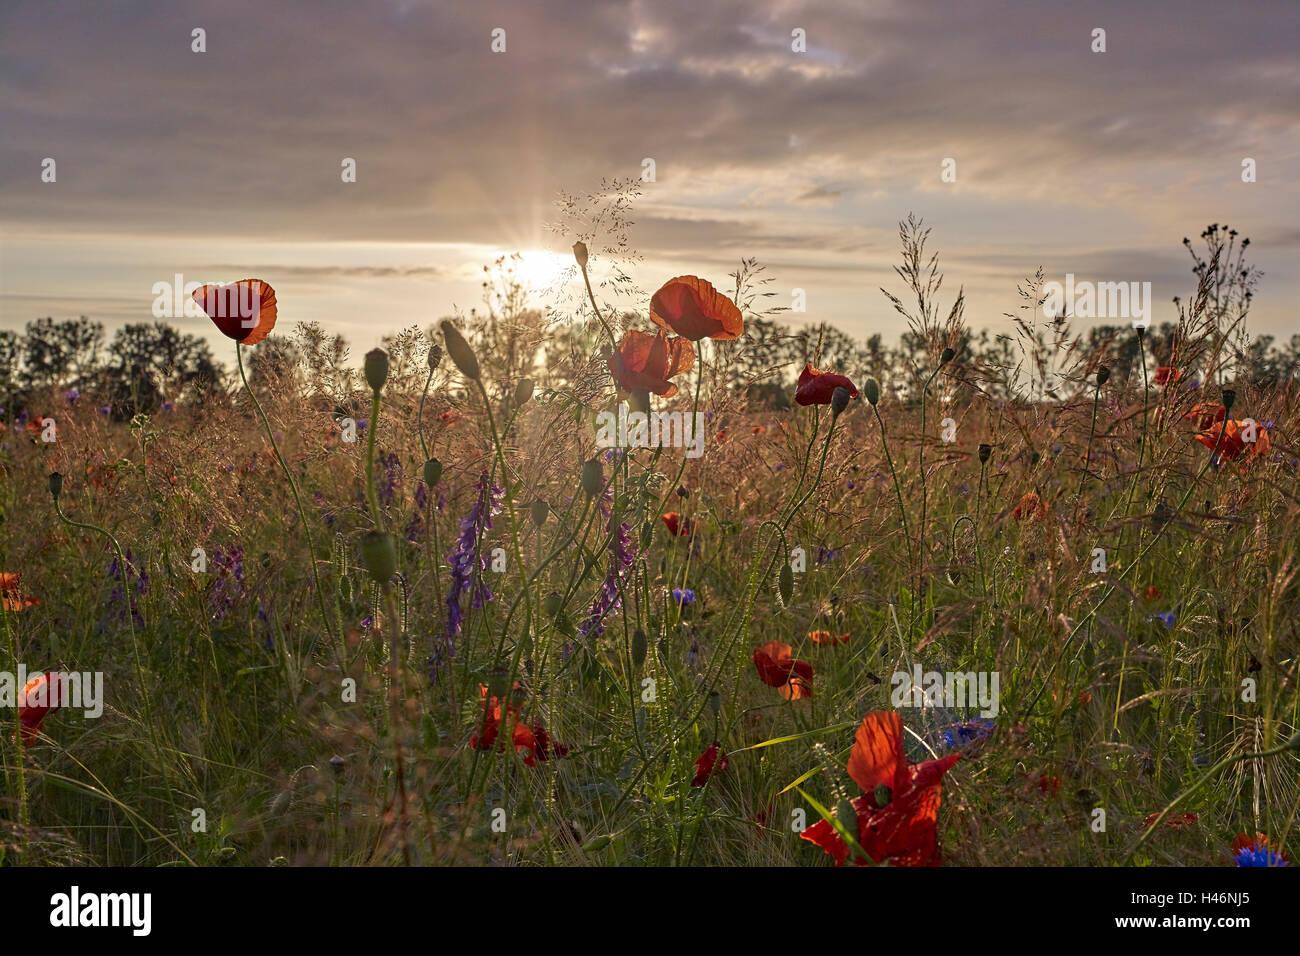 Feld mit Mohnblumen bei Sonnenuntergang in der Nähe von Mirow, Mecklenburg Western Pomerania, Deutschland Stockfoto